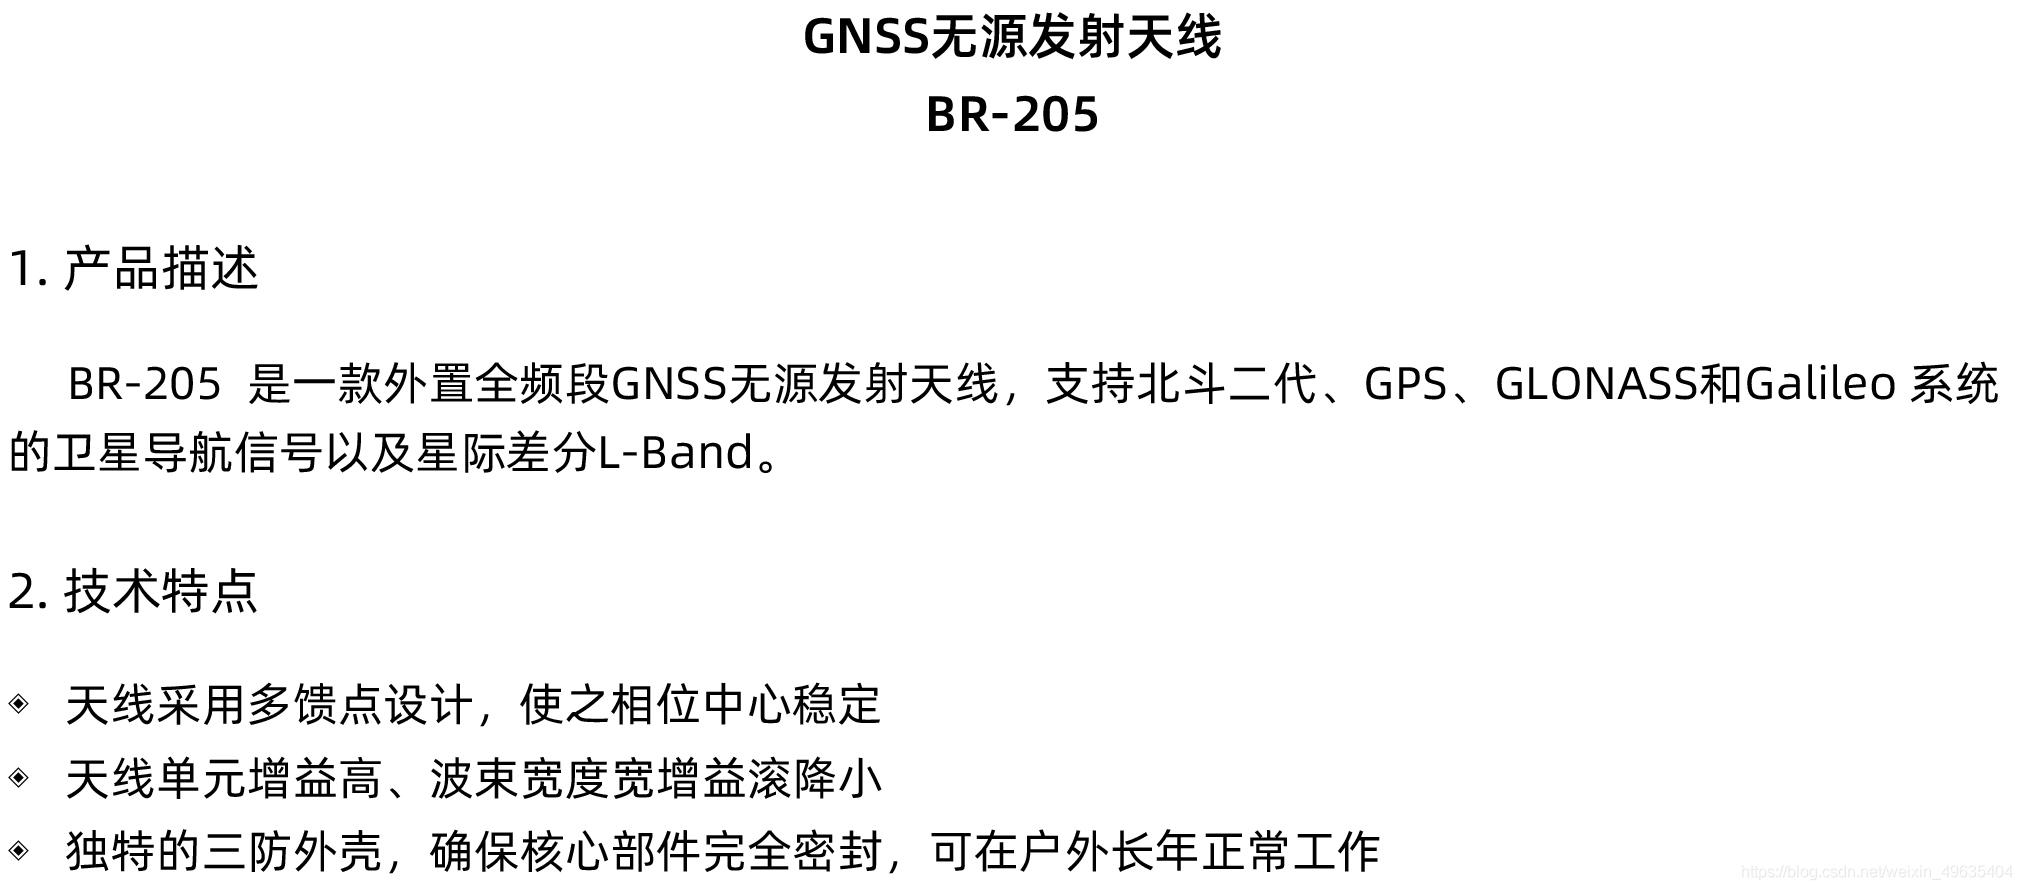 高精度天线,GNSS无源发射天线